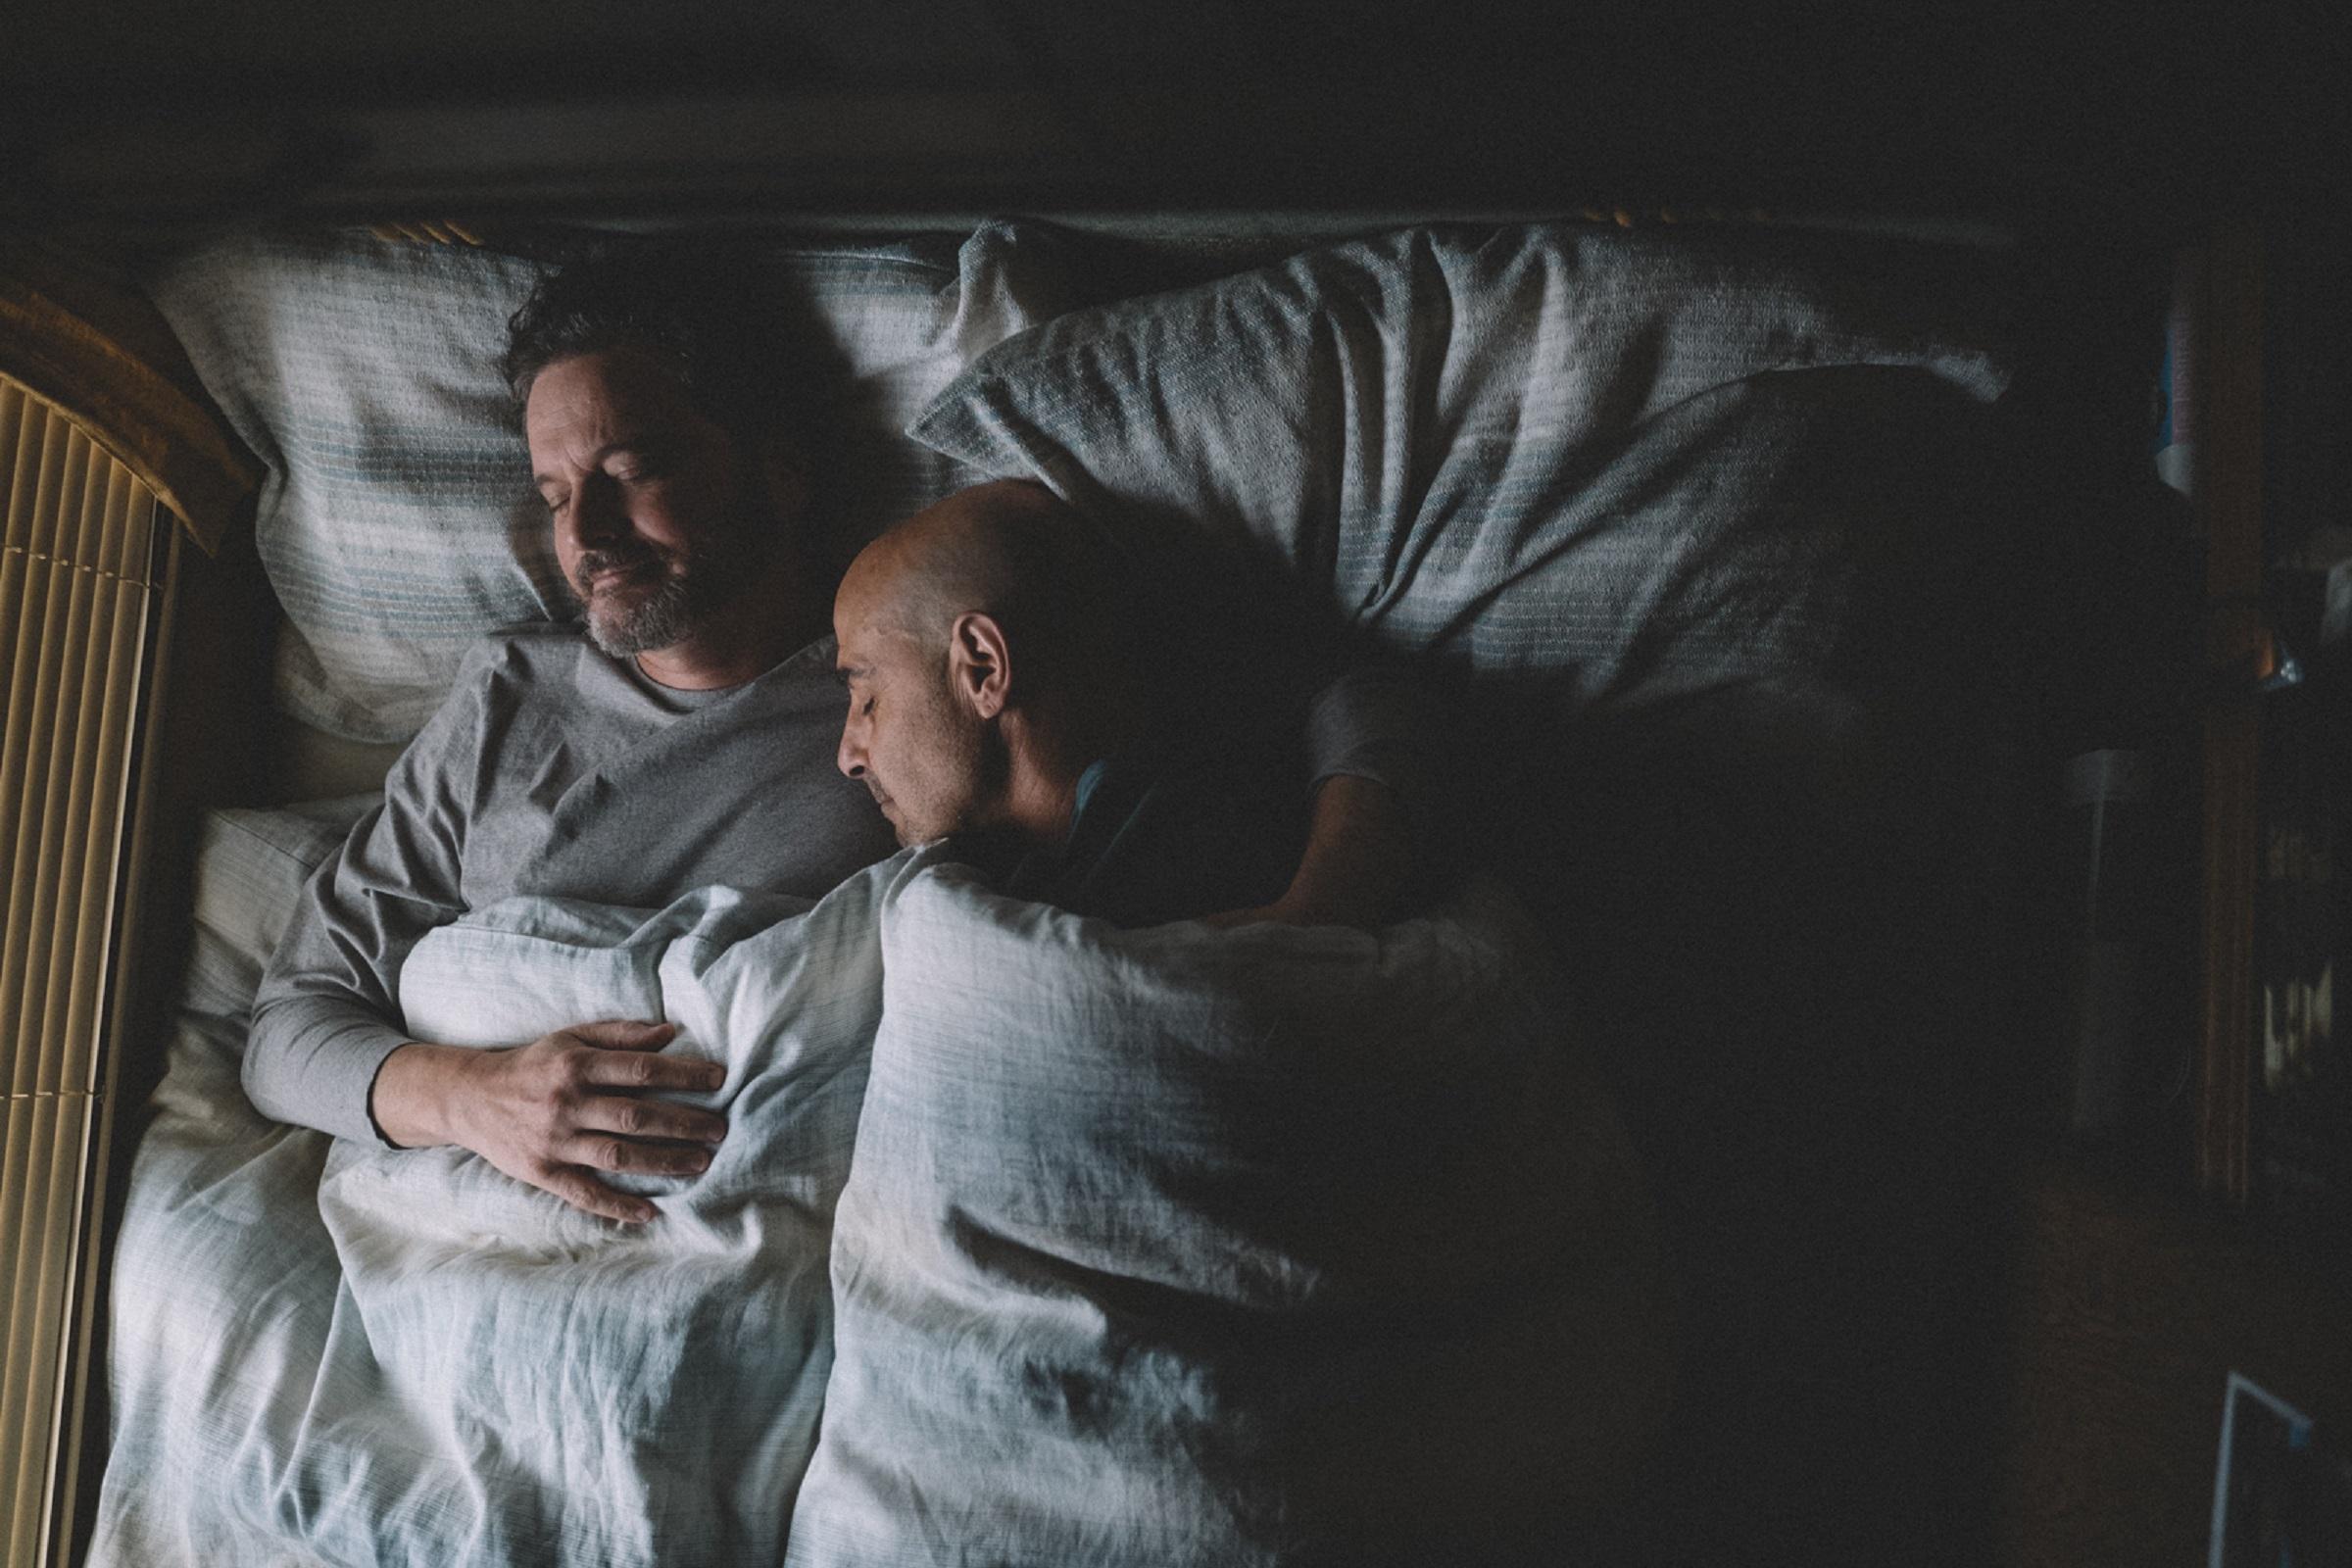 奧斯卡影帝柯林佛斯與男星史丹利圖奇的20年友情搬上大銀幕,《永遠的我們》深情共演愛侶